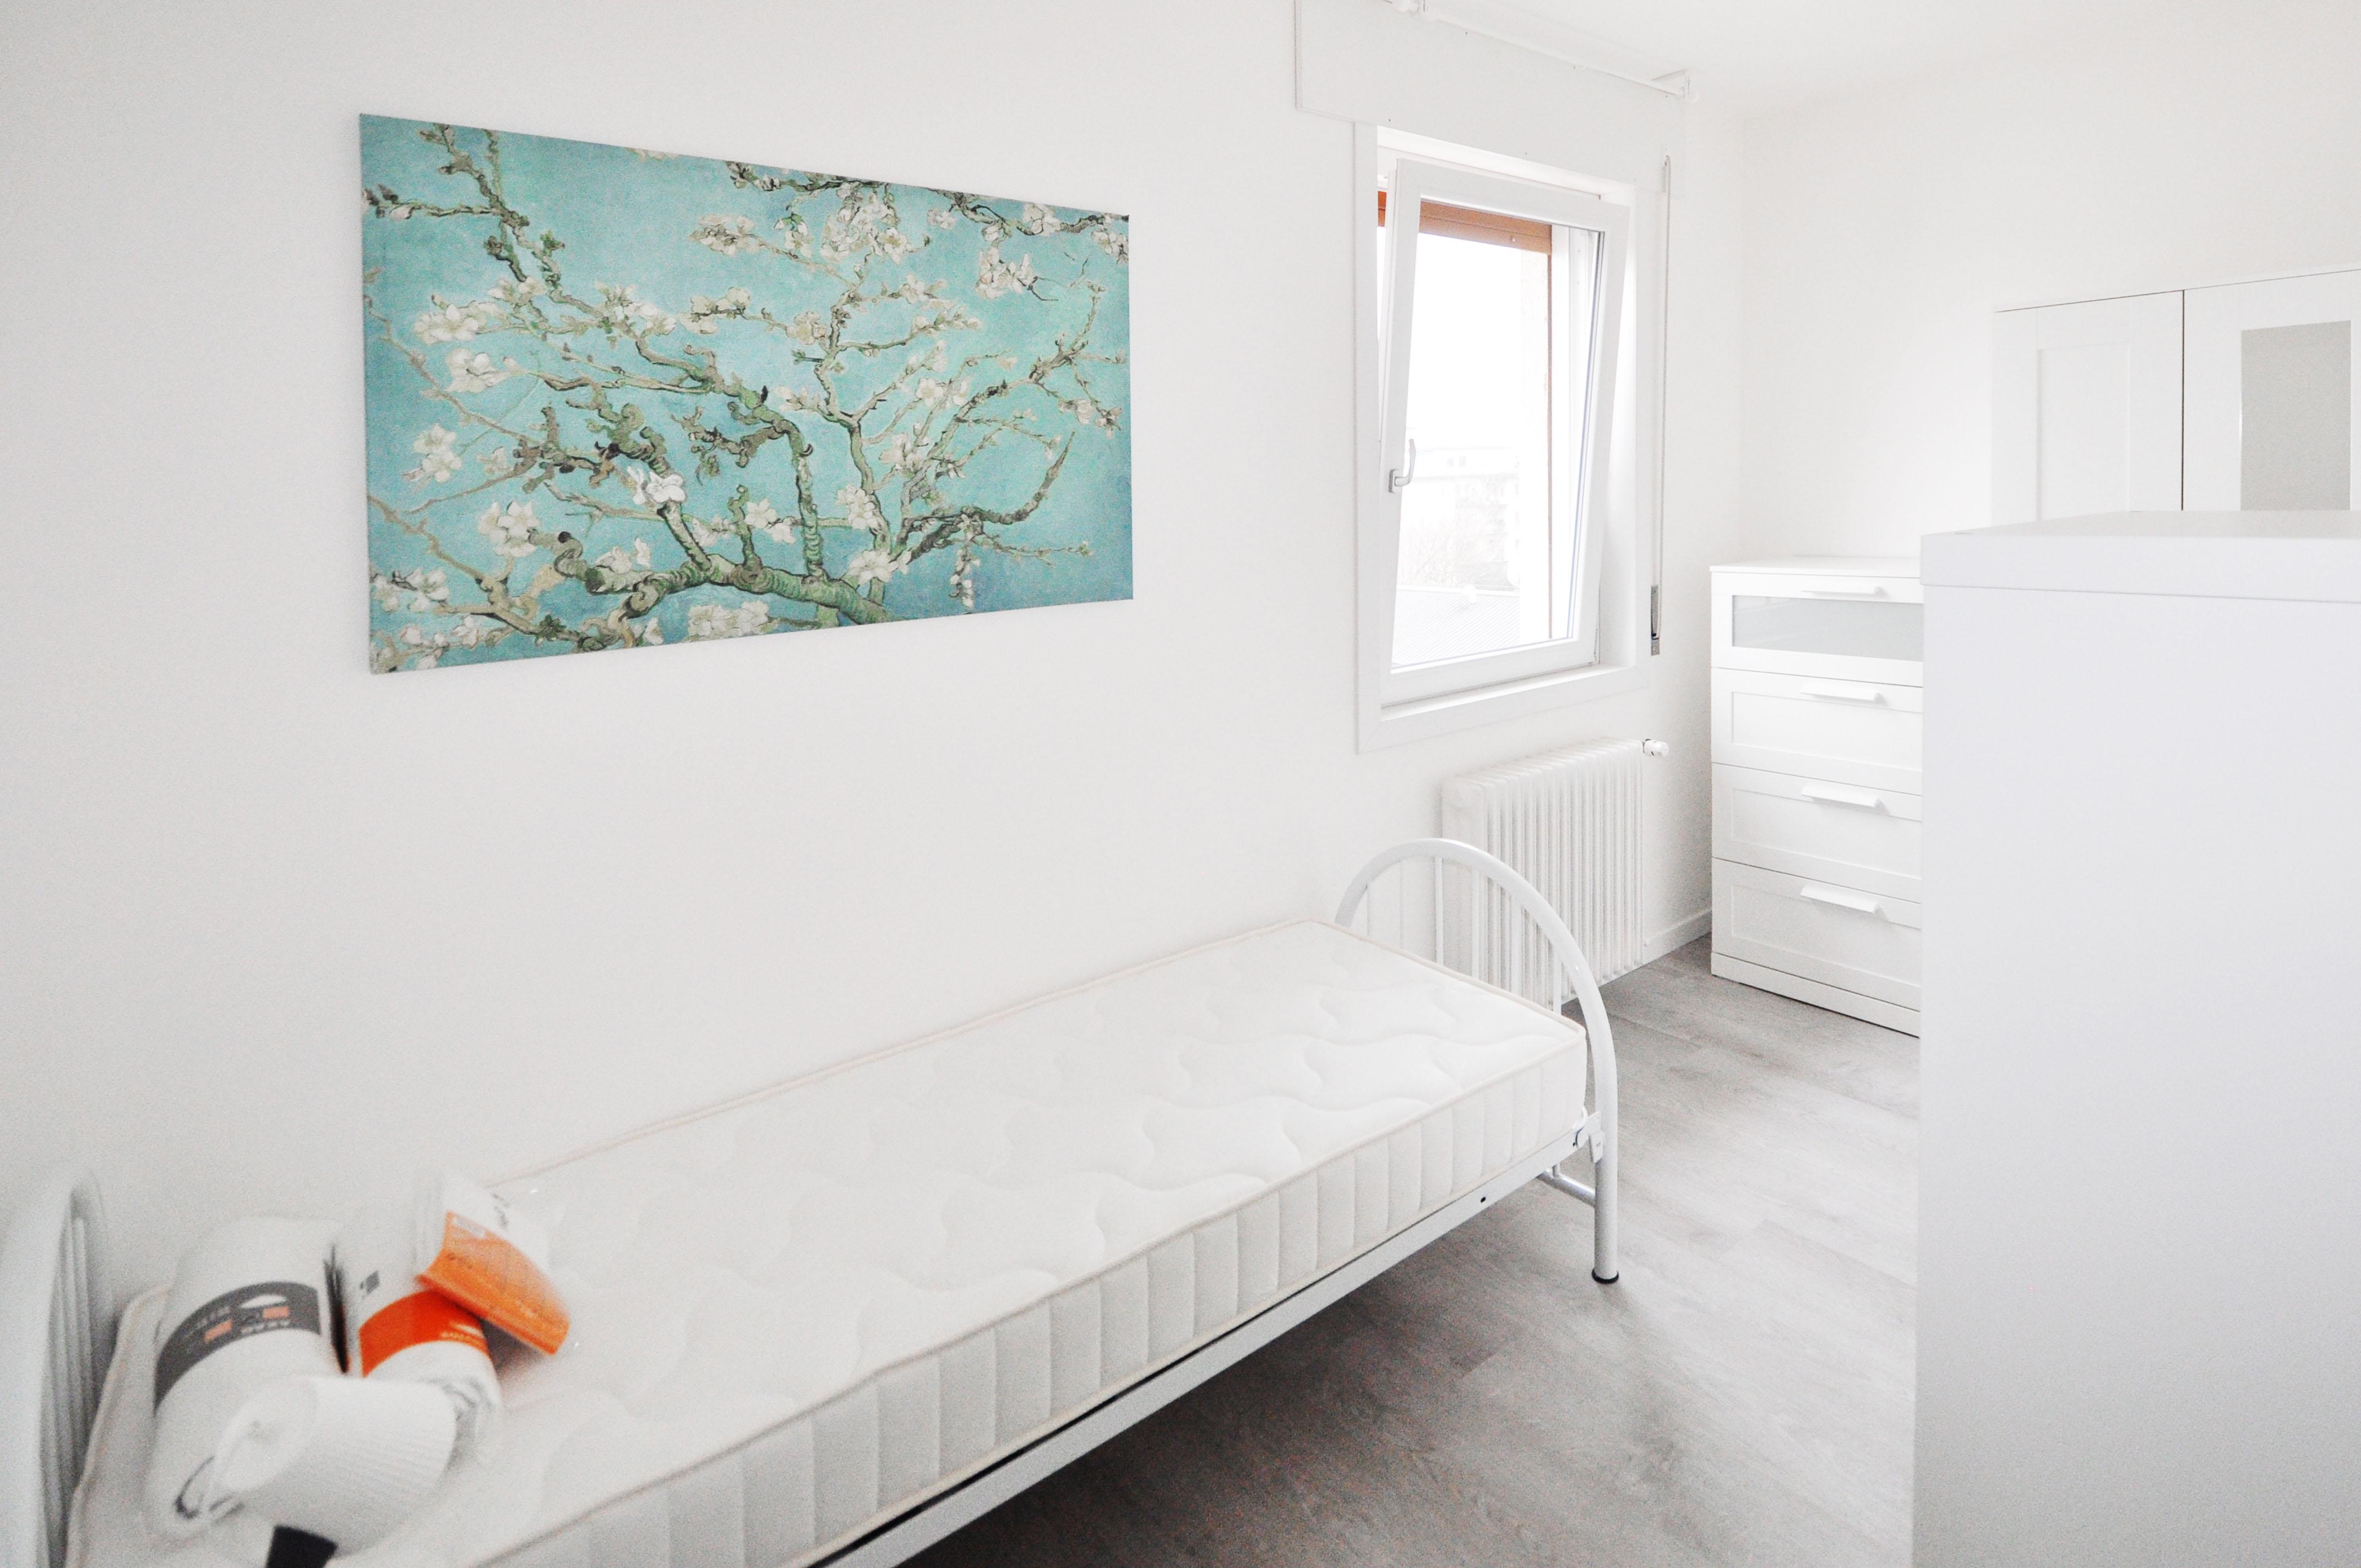 Camere in affitto-Treviso-Ospedale-Stazione-Studio-Architettura-Zanatta bertolini_12